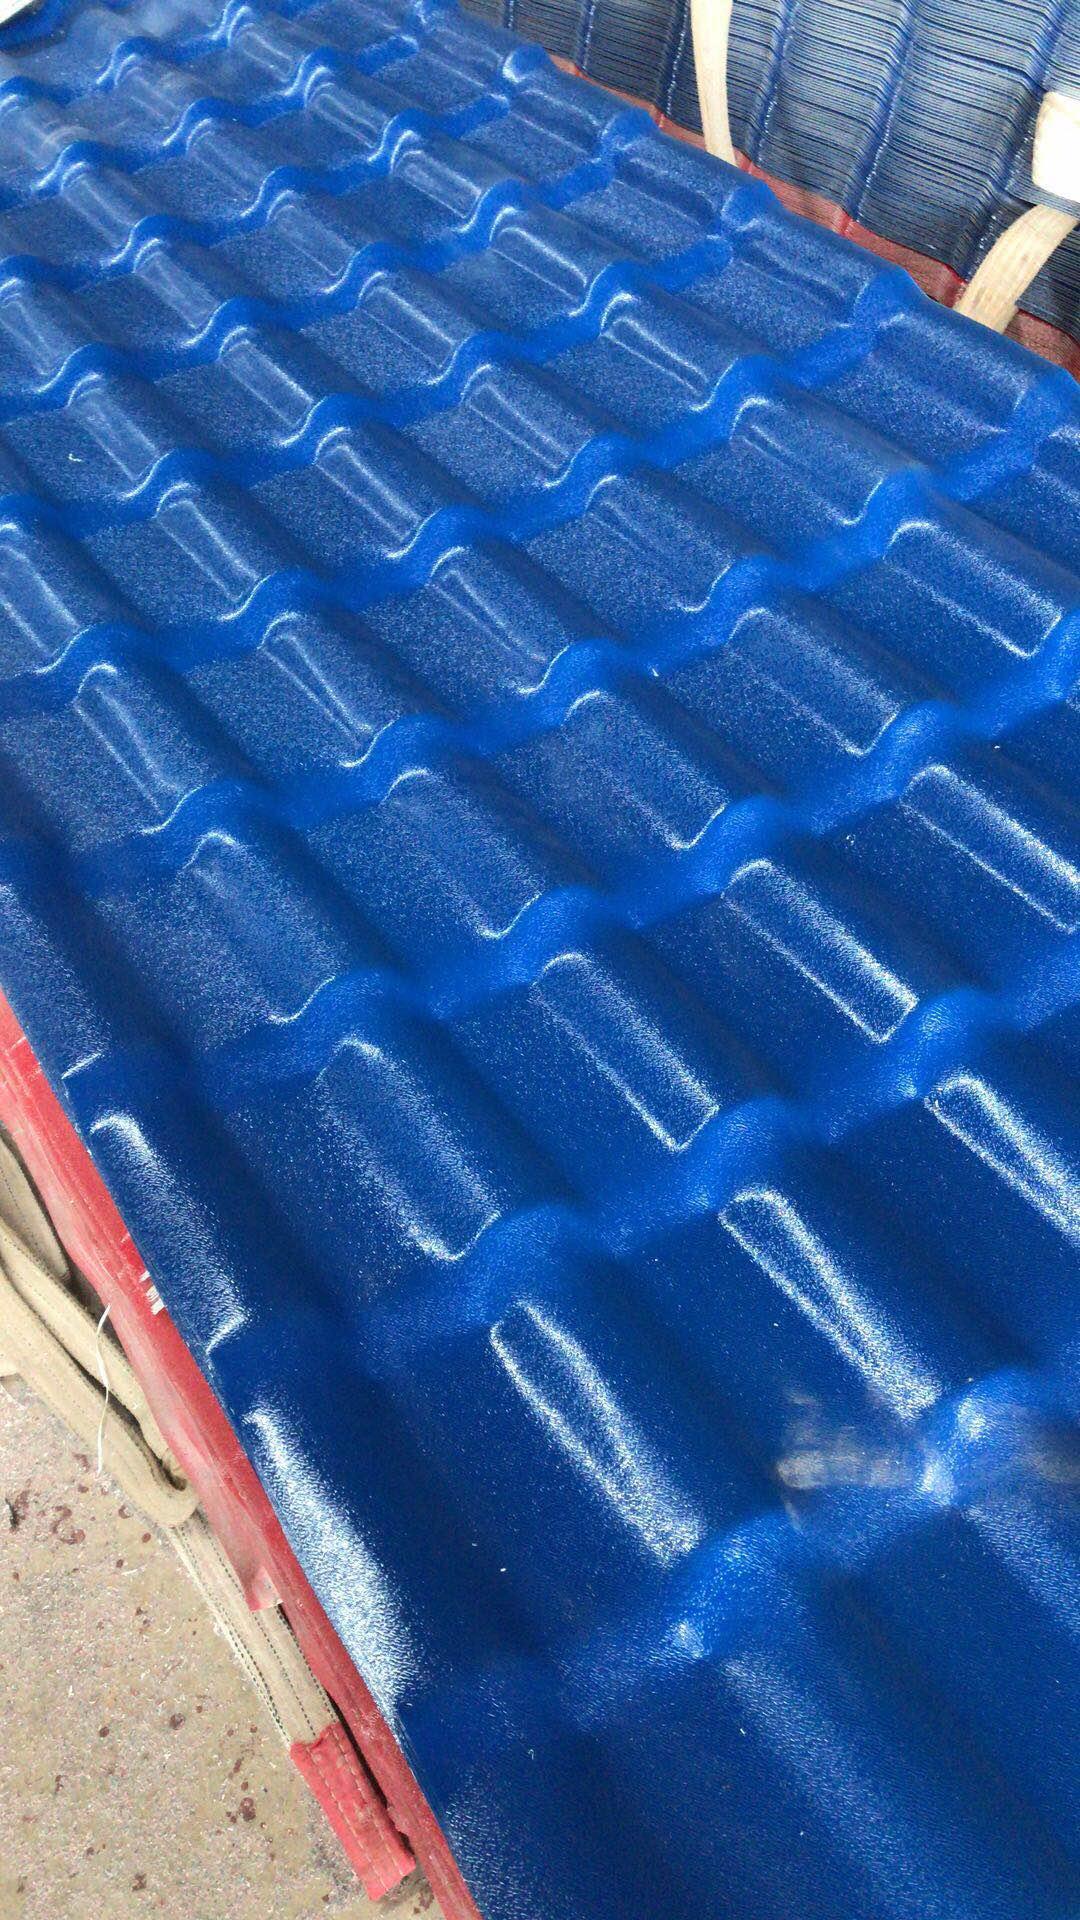 树脂瓦厂家,江苏的树脂瓦厂家,江苏哪个树脂瓦厂家生产的树脂瓦好,一呼百应张家港市天力特种玻璃钢有限公司